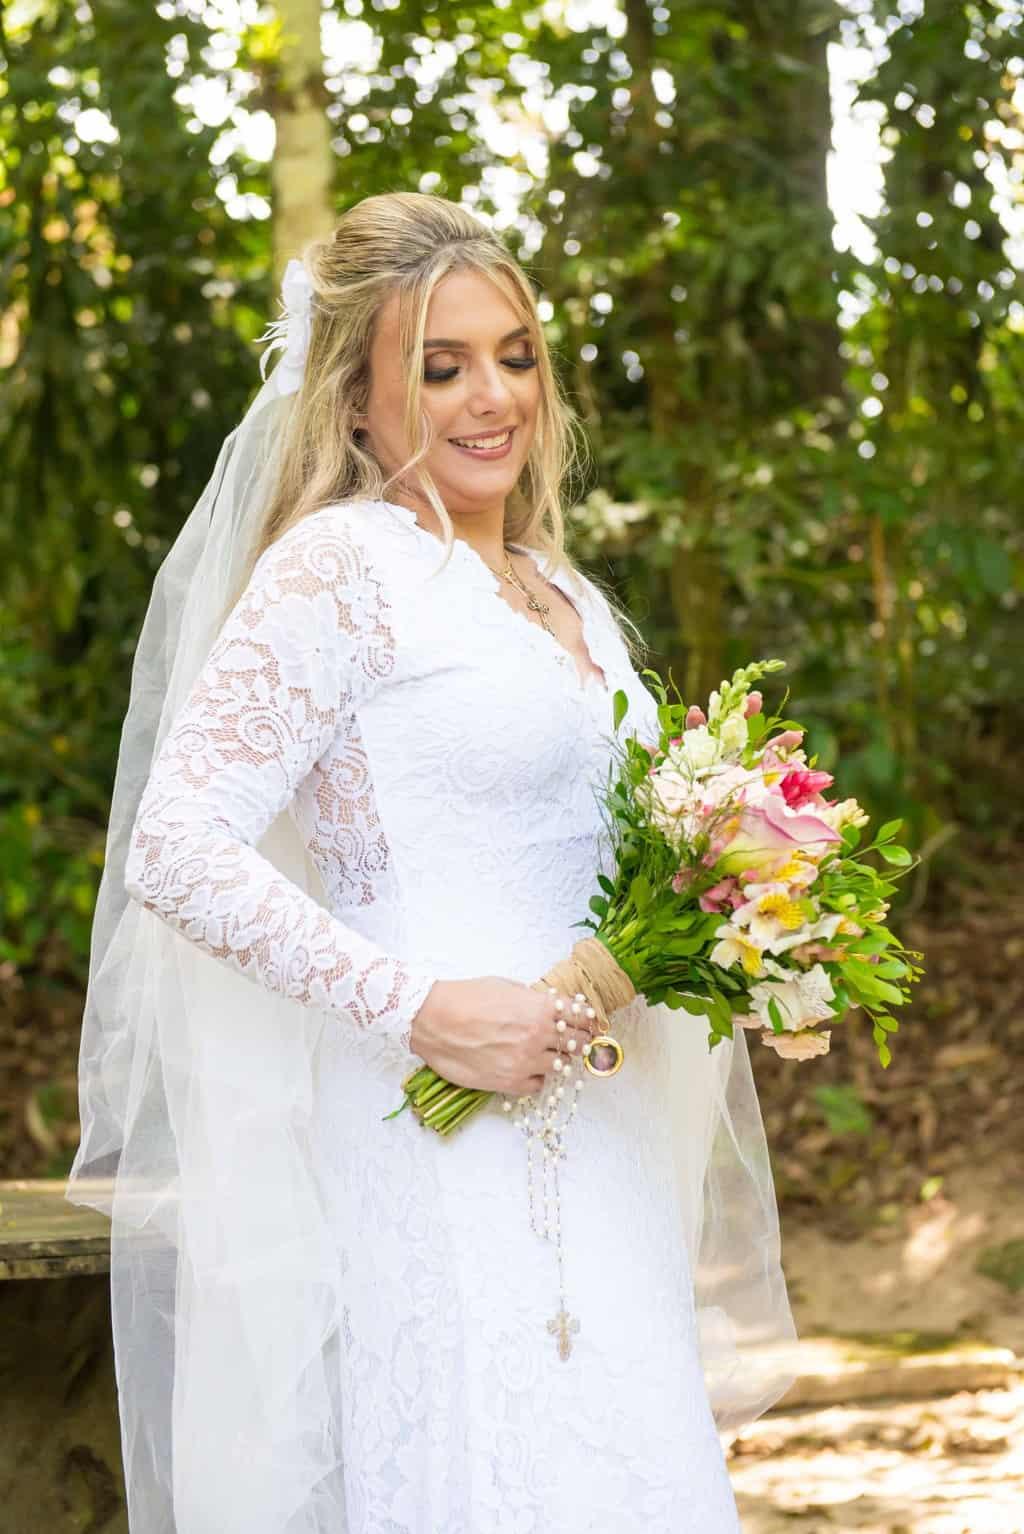 beleza-da-noiva-casamento-religioso-Casamento-Roberta-e-Angelo-Danielle-Loureiro64